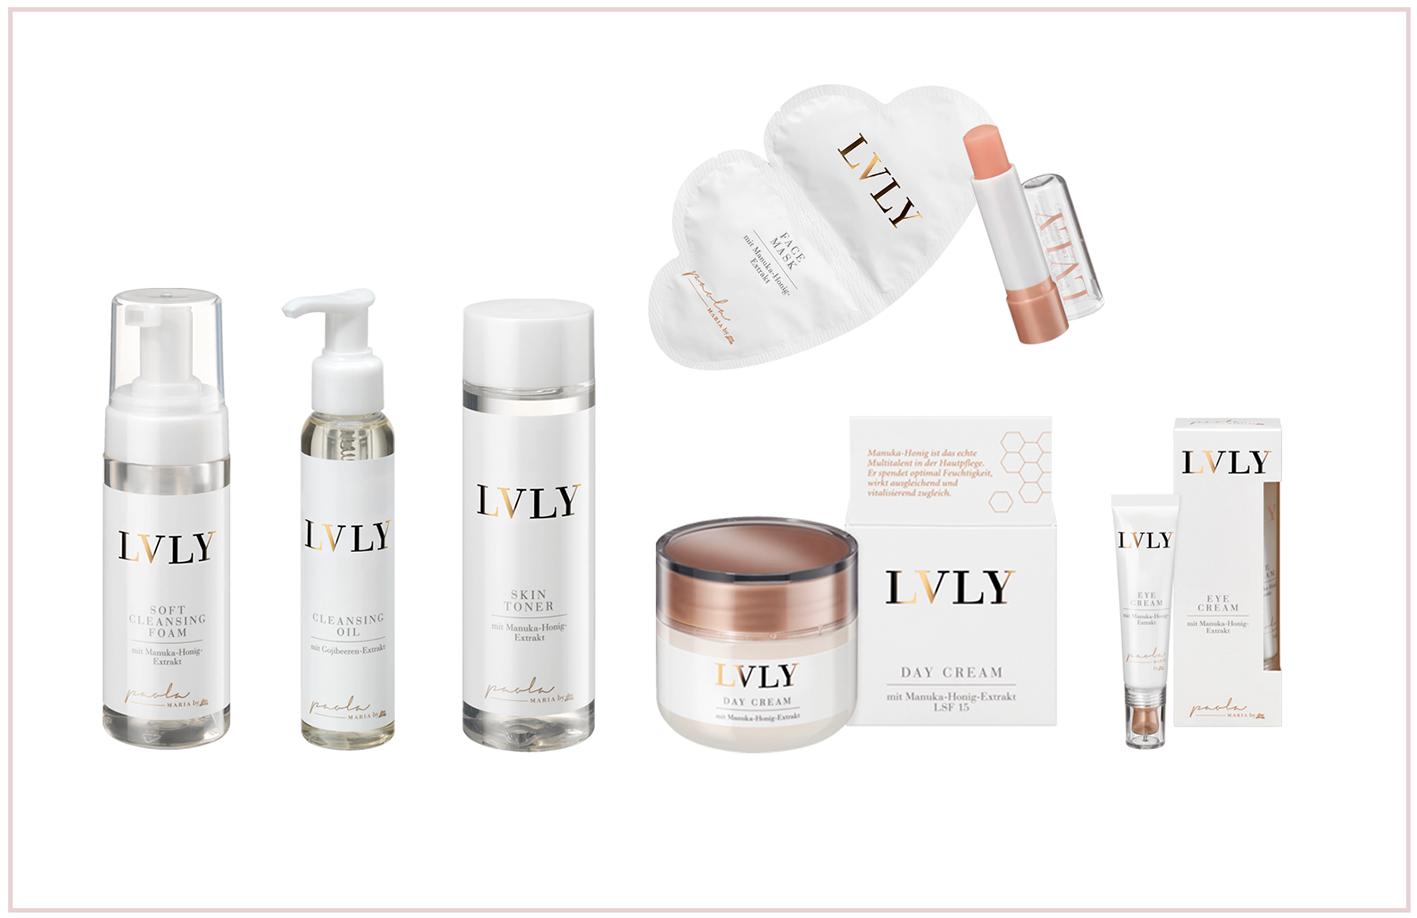 LVLY Hautpflegeprodukte auf weißem Hintergrund